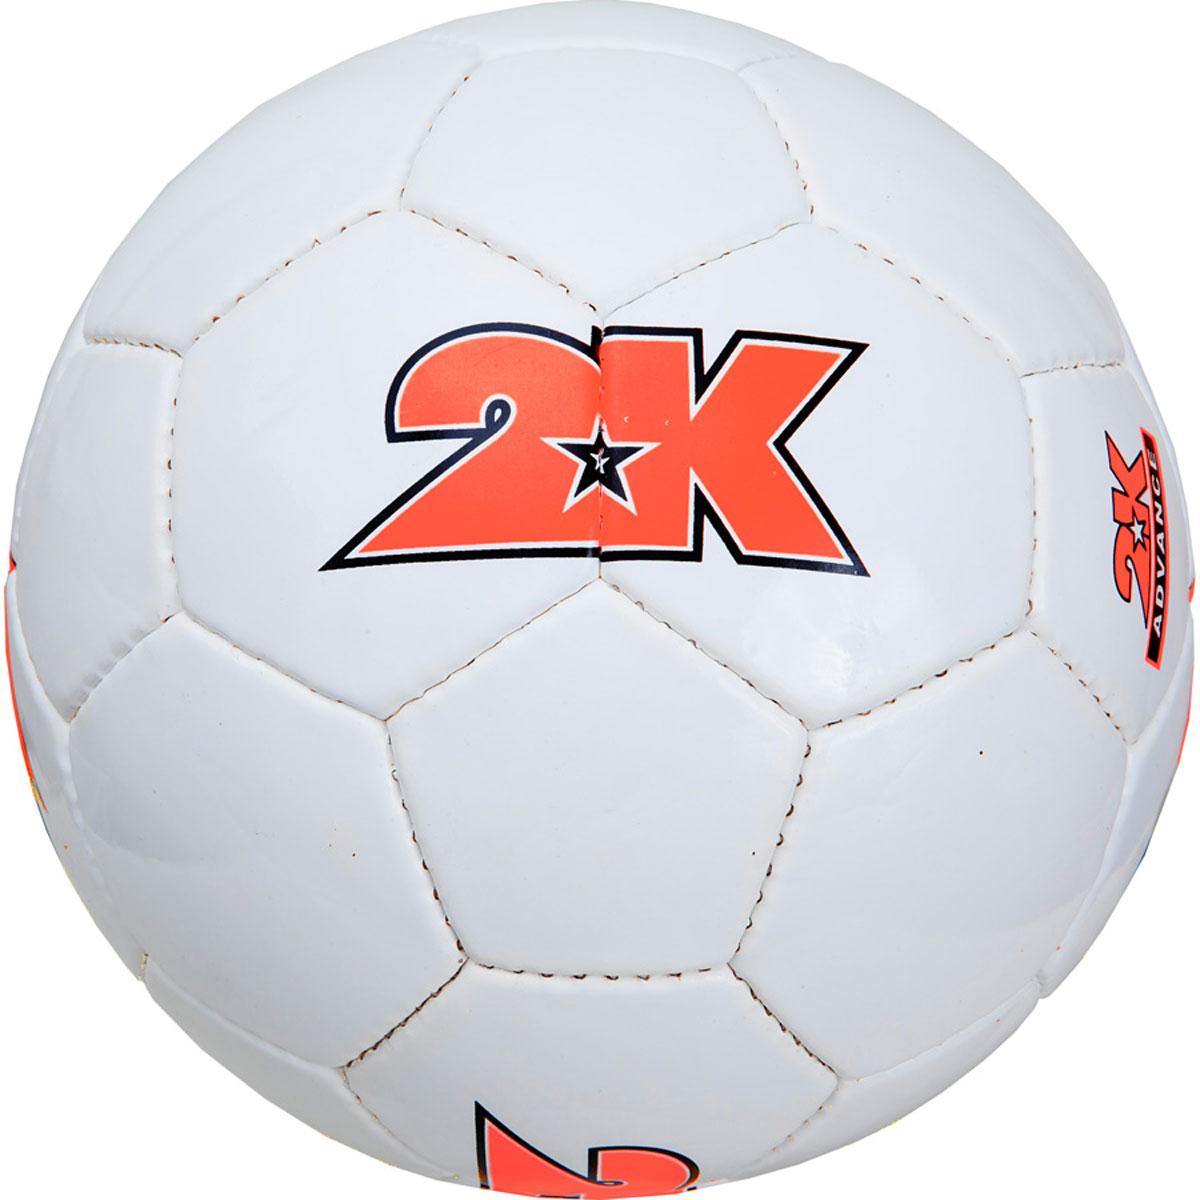 Мяч футбольный 2K Sport Advance, цвет: белый, оранжевый. Размер 5127048Любительский футбольный мяч 2K Sport Advance изготовлен из полиуретана. Бесшовная камера выполнена из натурального латекса. Сшивка производилась вручную. Швы проклеены для герметизации.